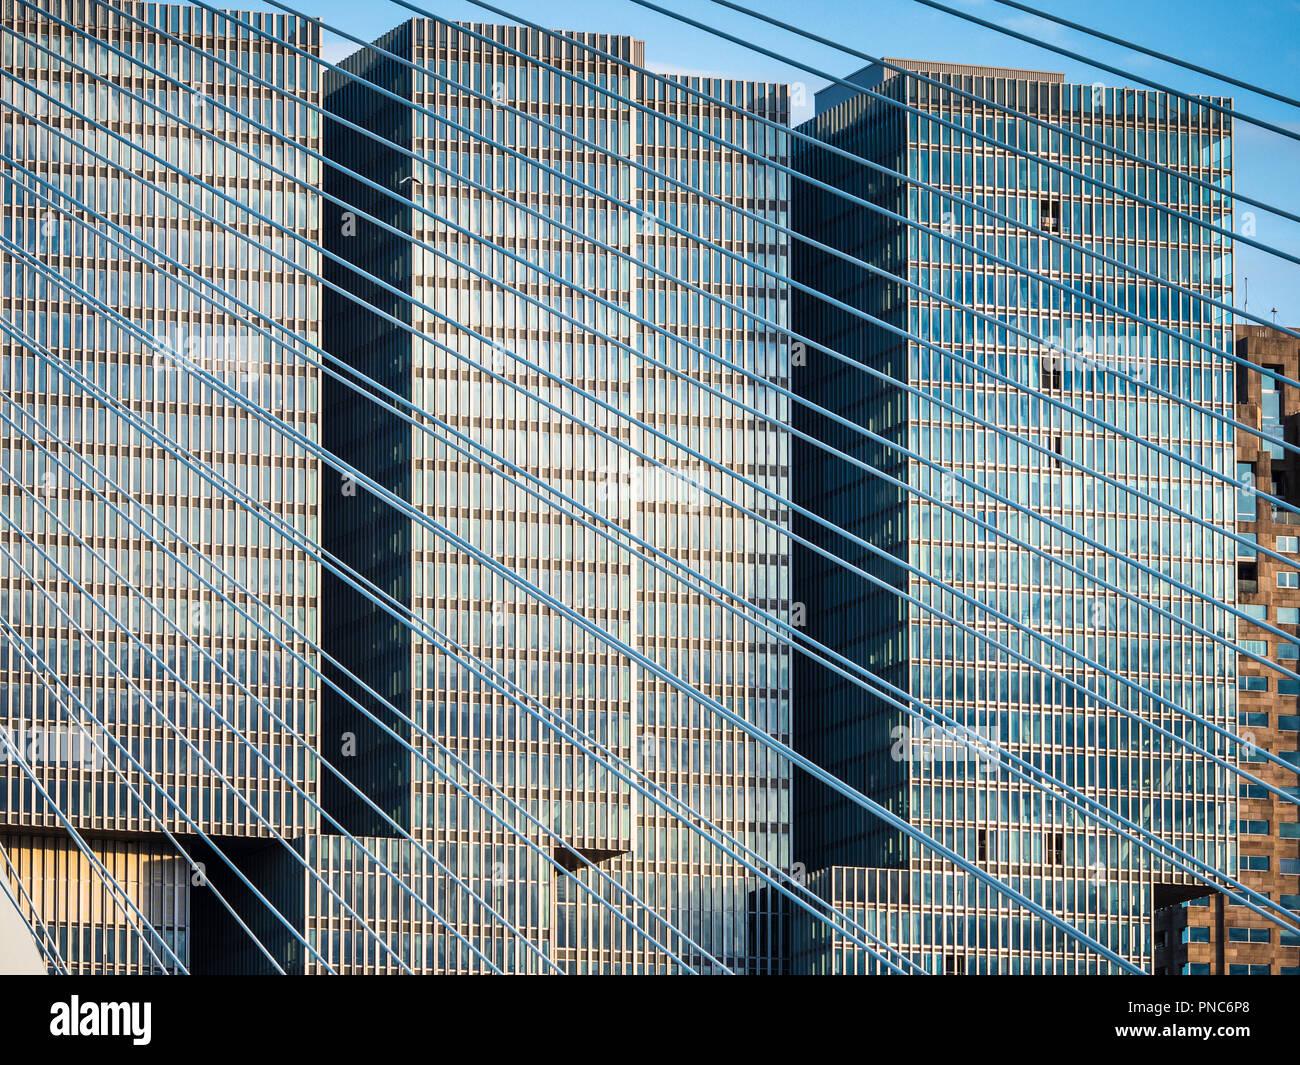 Rotterdam Architecture - De Rotterdam building sits behind the landmark Erasmus bridge in central Rotterdam NL. De Rotterdam opened 2013. - Stock Image